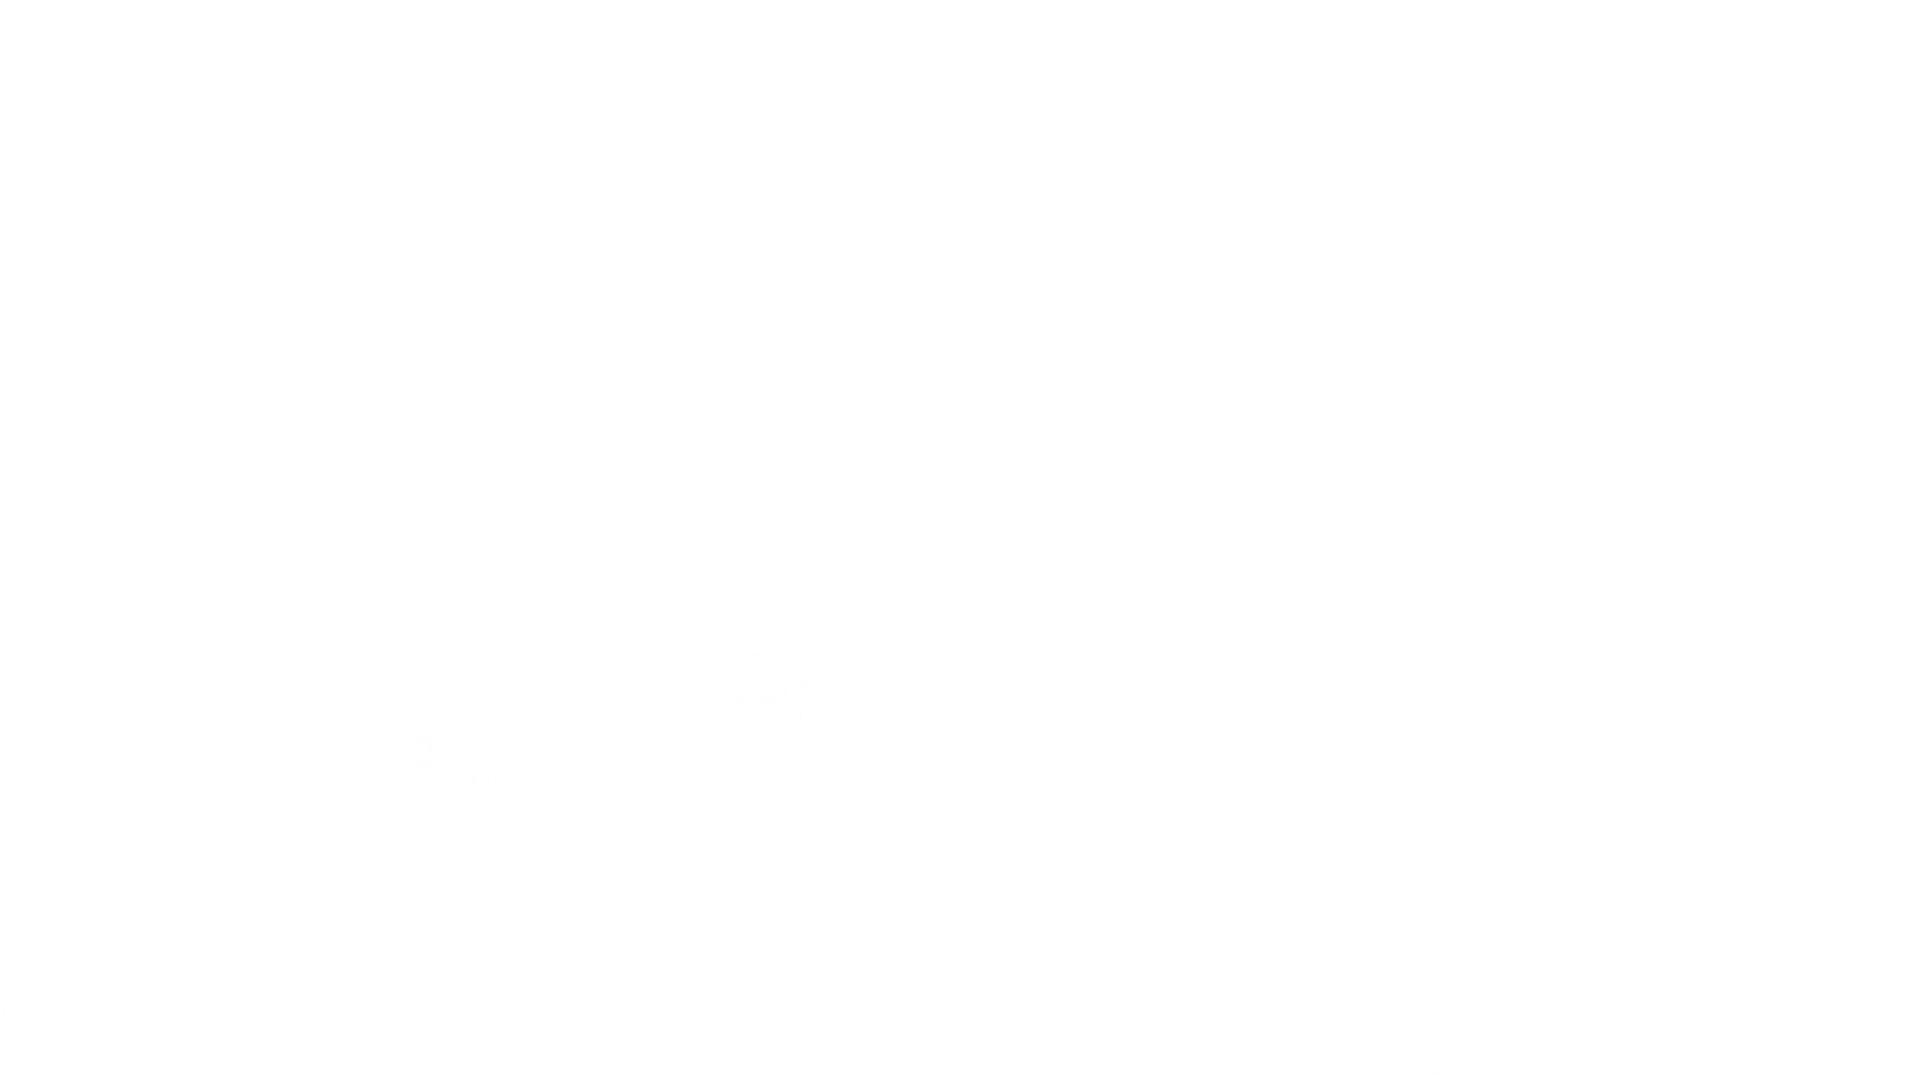 ※100個限定販売 至高下半身盗撮 プレミアム Vol.13 ハイビジョン 盗撮で悶絶 AV無料 113画像 88